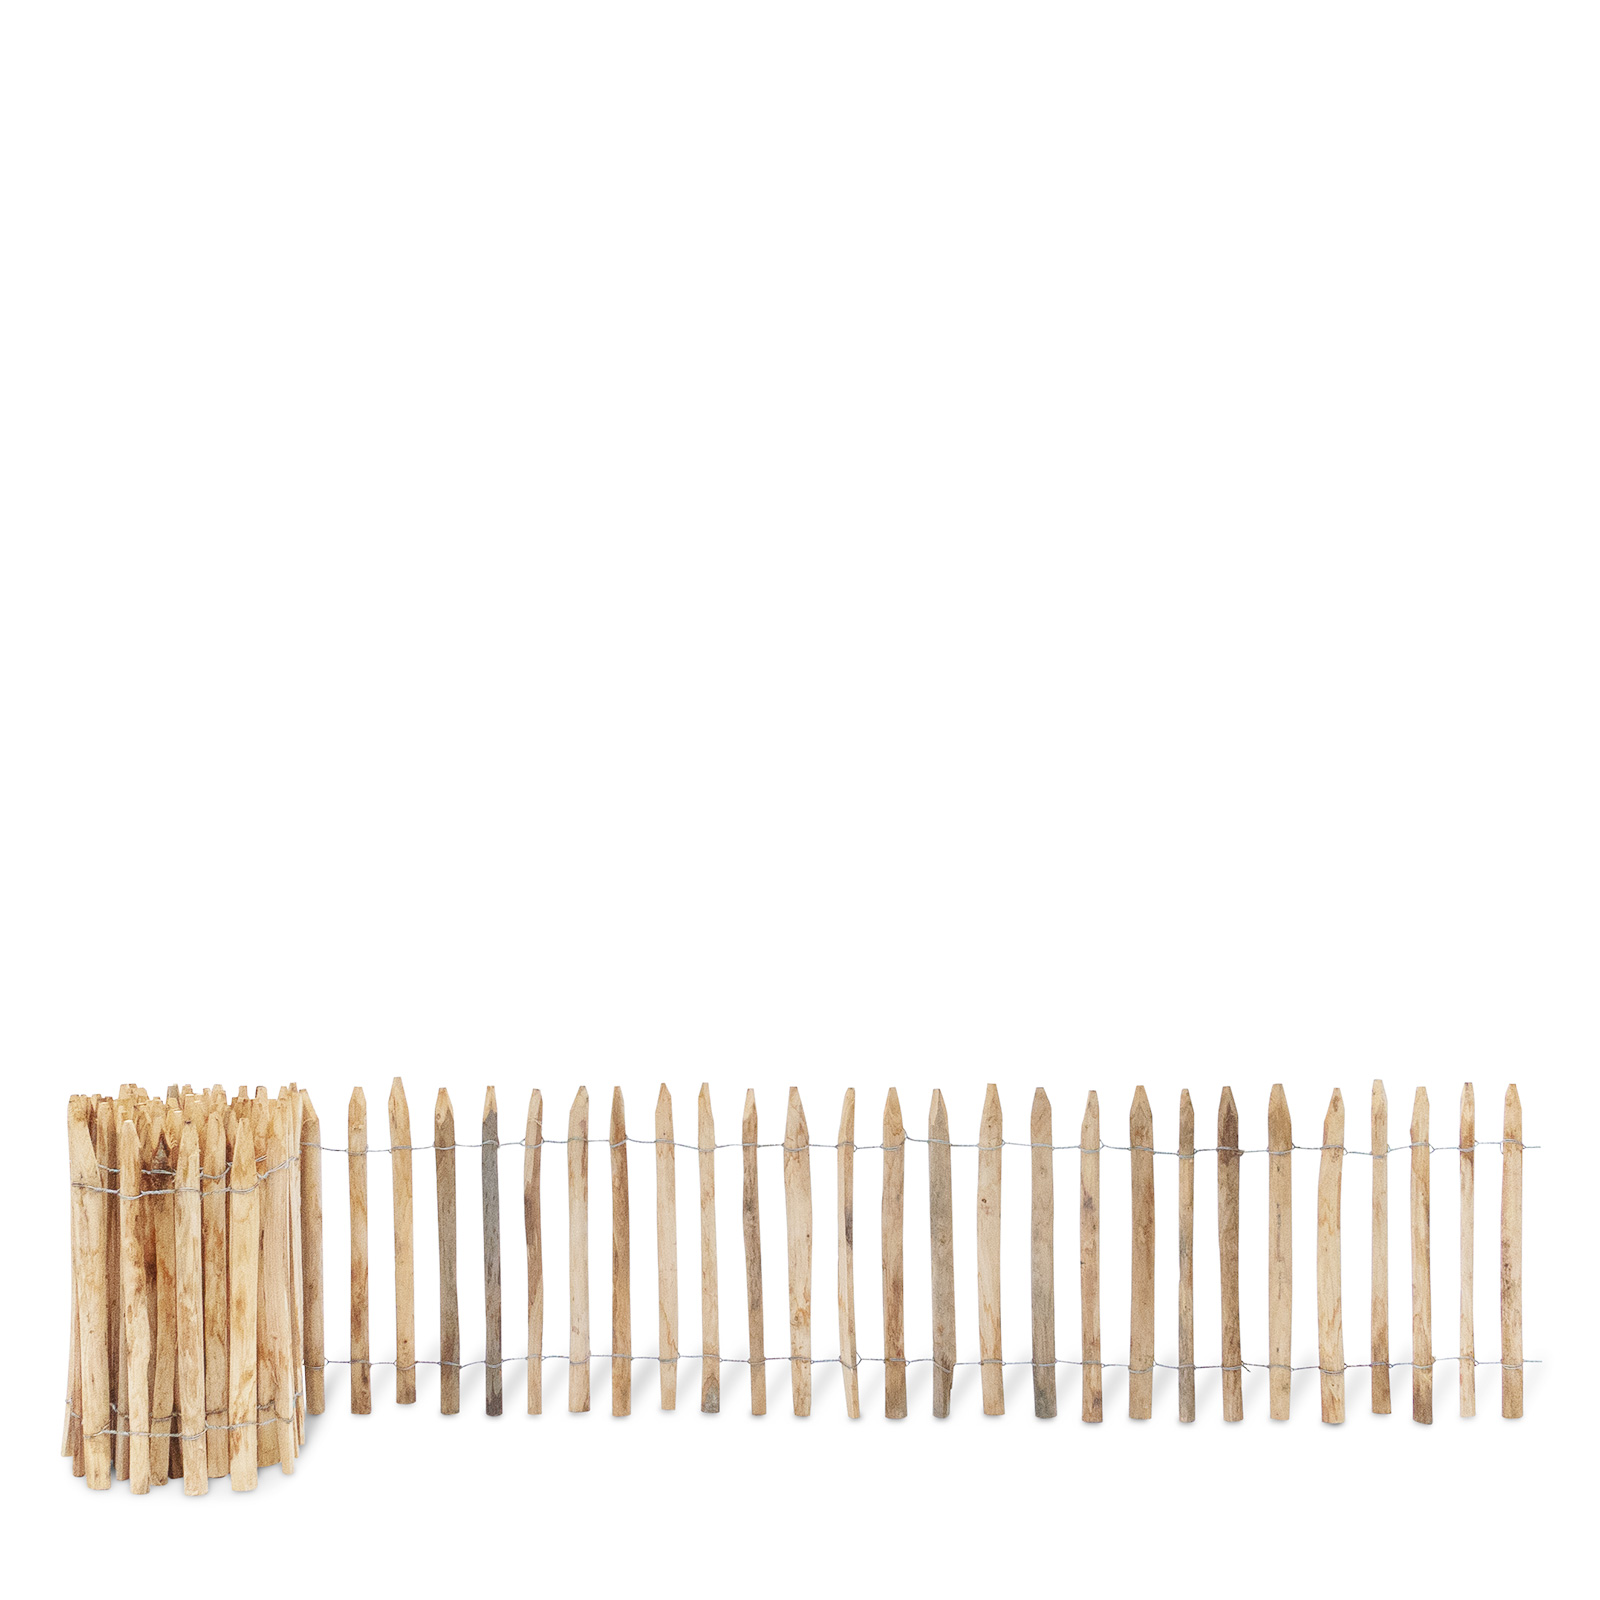 Französischer Staketenzaun aus Kastanienholz, 60 cm hoch mit einem Lattenabstand von 4-5 Zentimetern. Mit seinen angespitzten und verdrahteten Hölzern passt der schöne Zaun in jede Umgebung. Ganz ohne Pflege hält der natürliche Gartenzaun rund 20 Jahre.